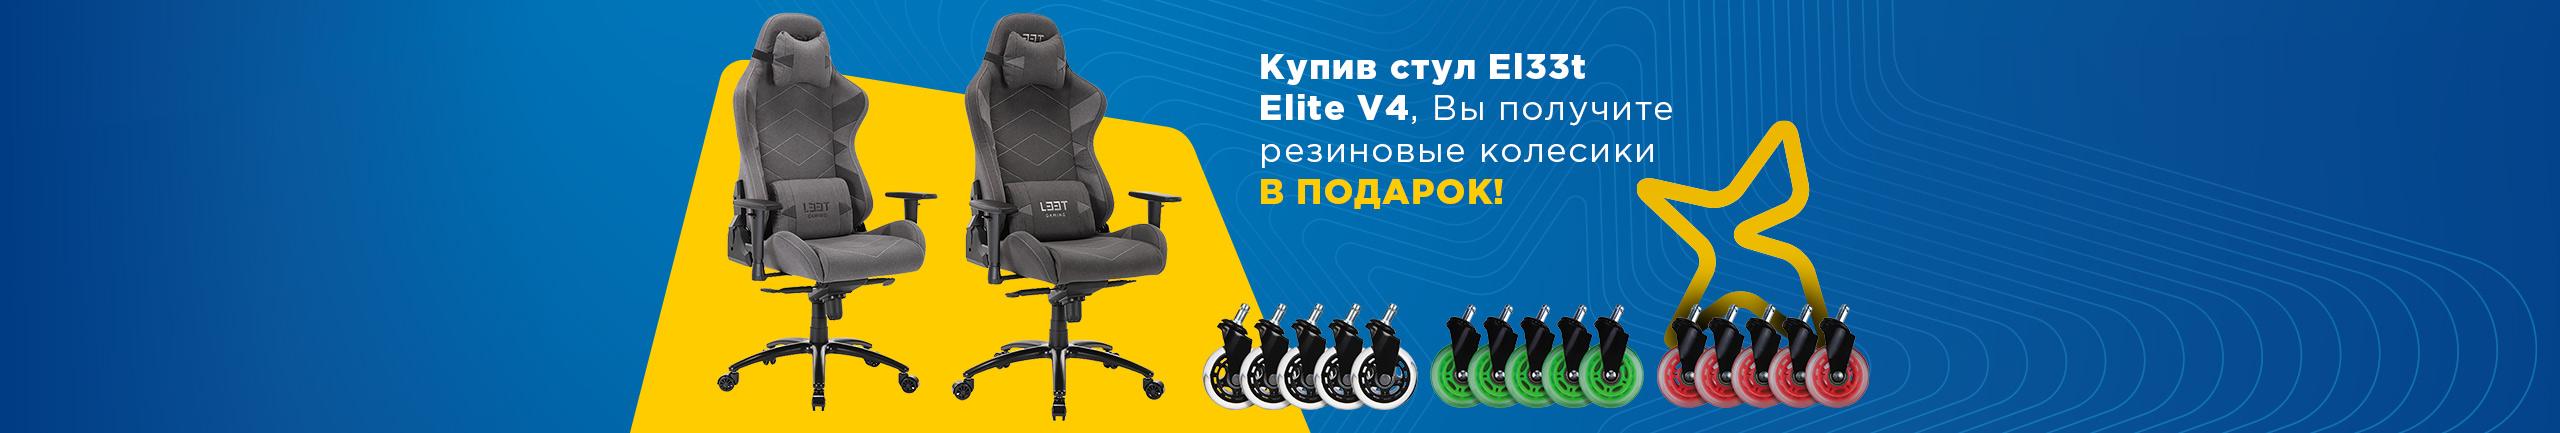 Купив стул El33t Elite V4, Вы получите резиновые колесики В ПОДАРОК!